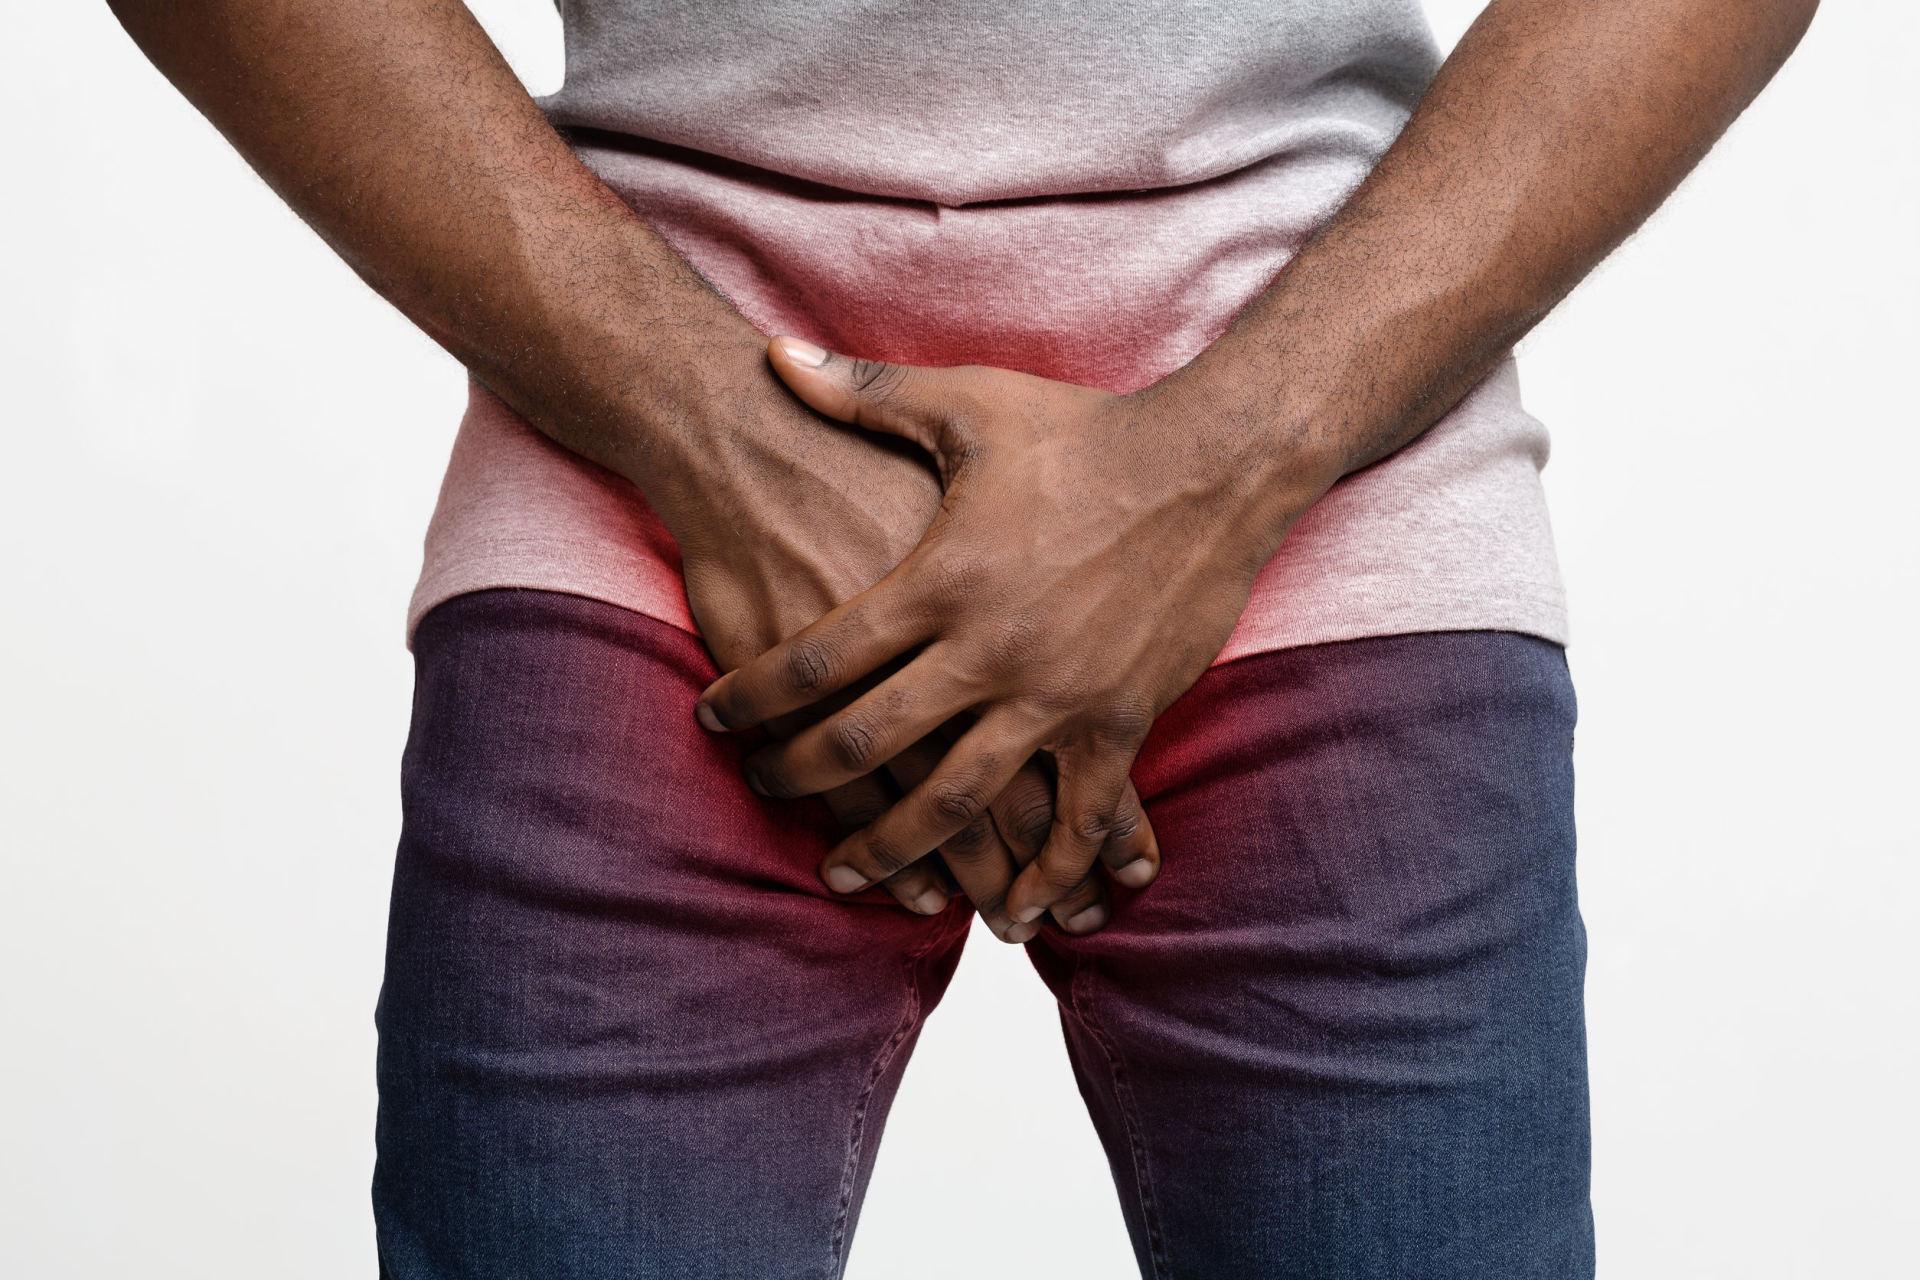 normali vyrų erekcija